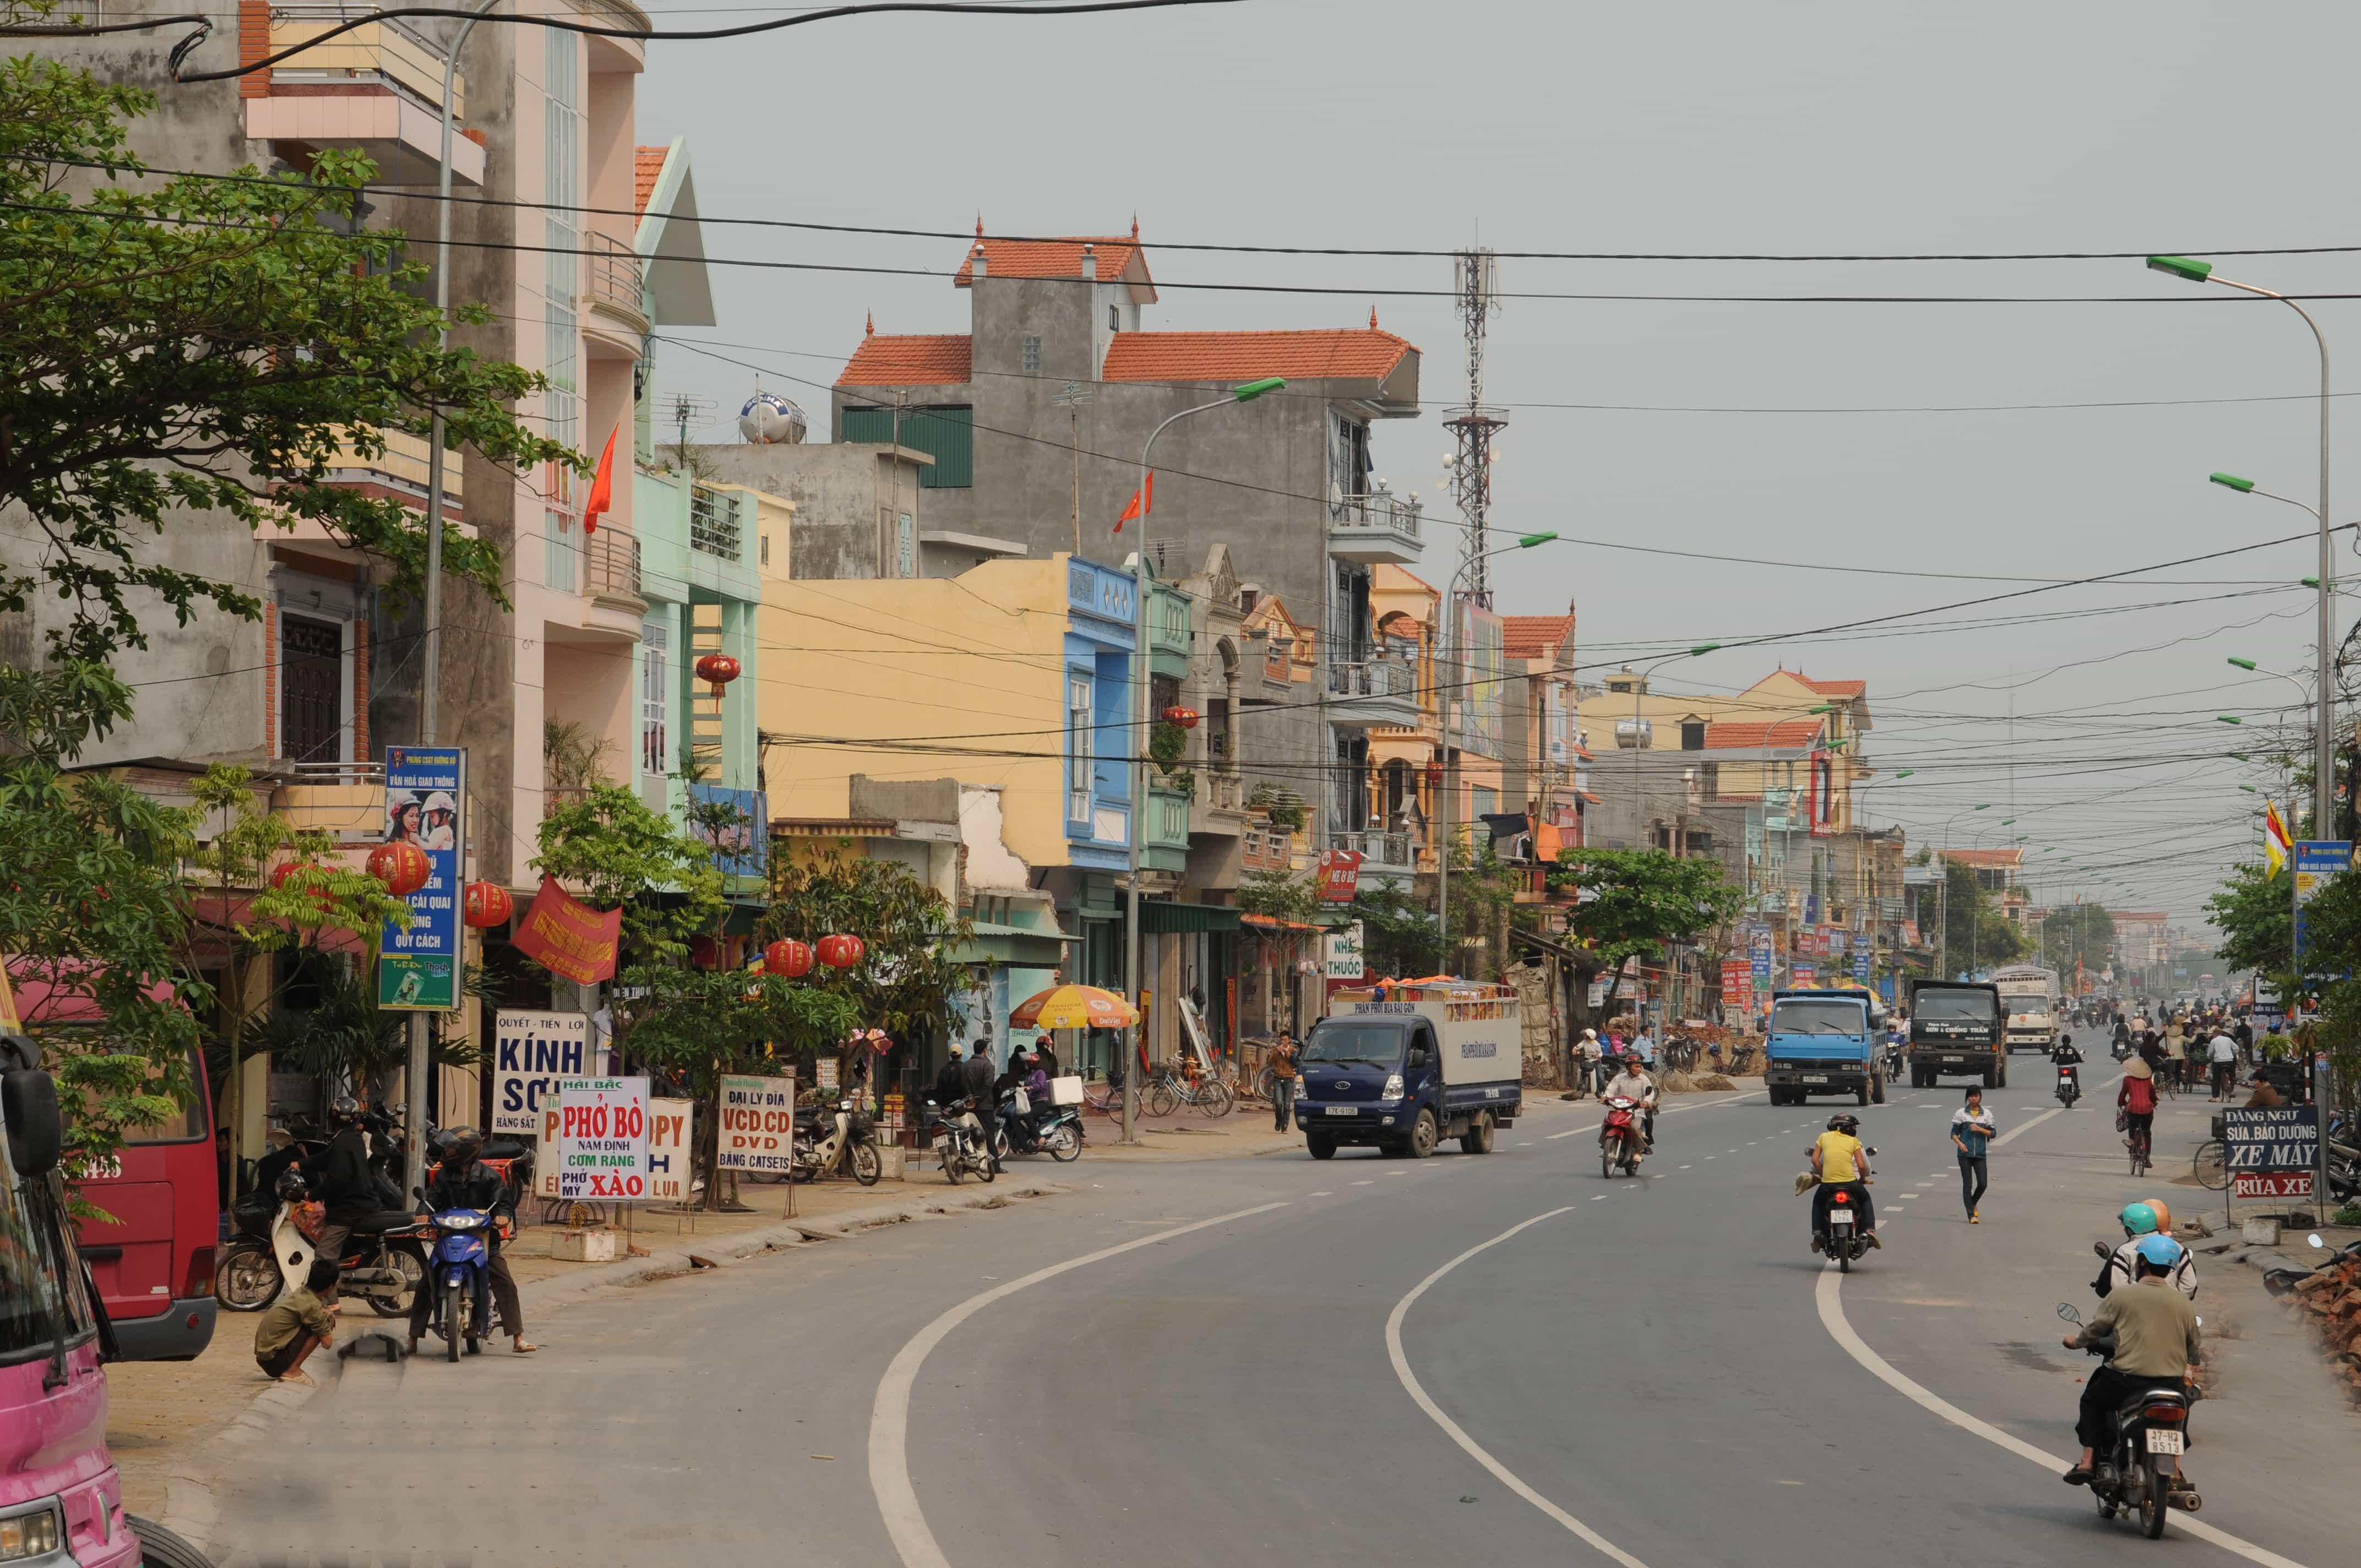 Bán nhớt Repsol chất lượng cao tại Thái Bình